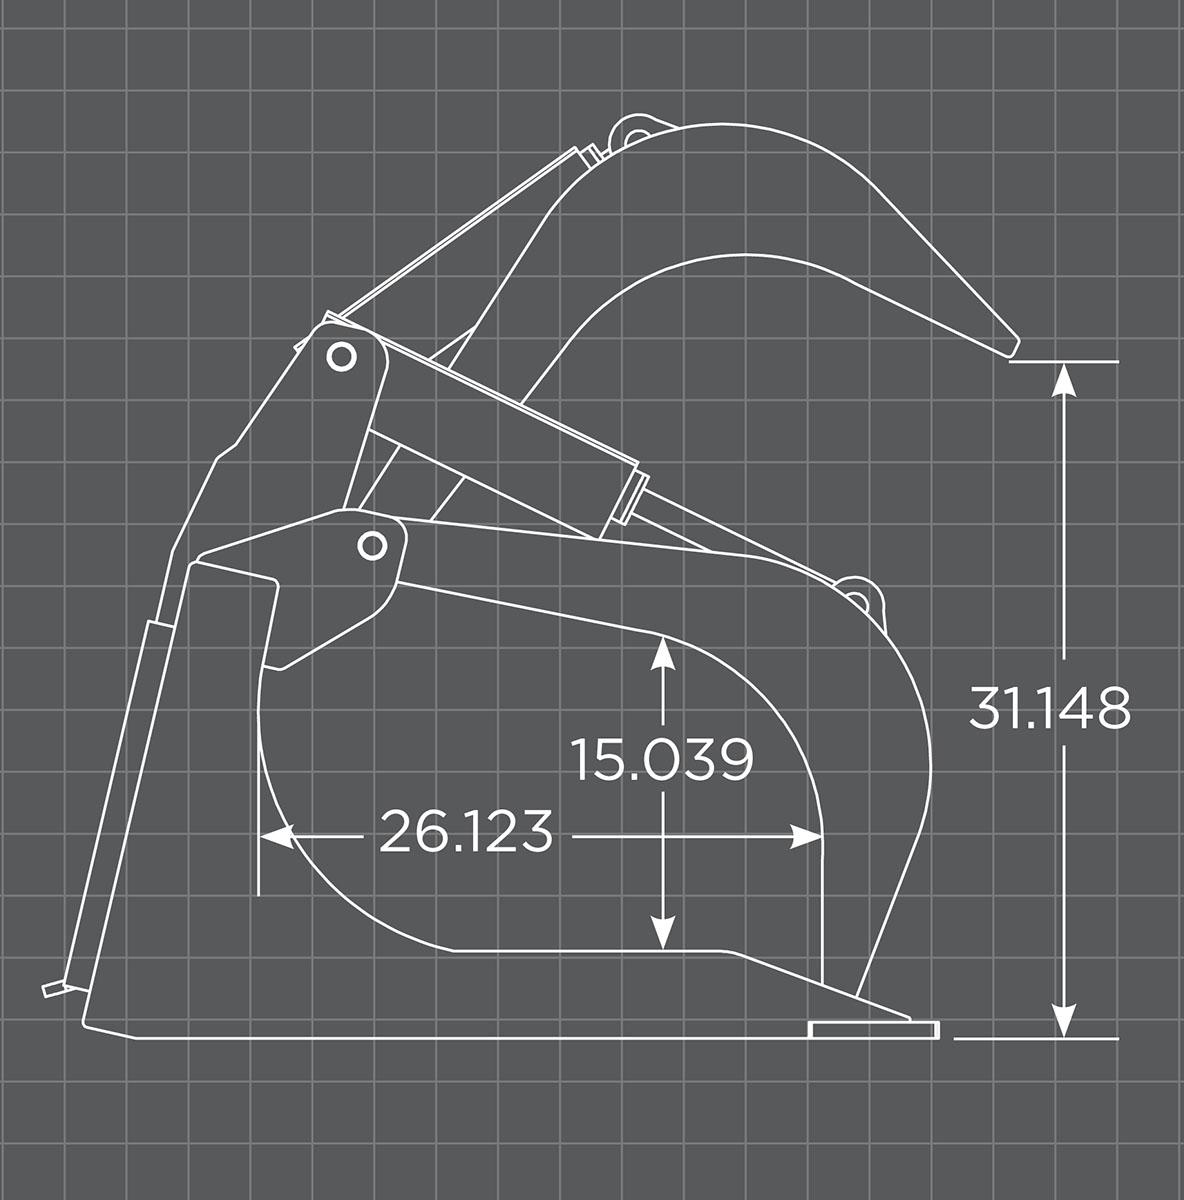 XHD Grapple Bucket Schematic